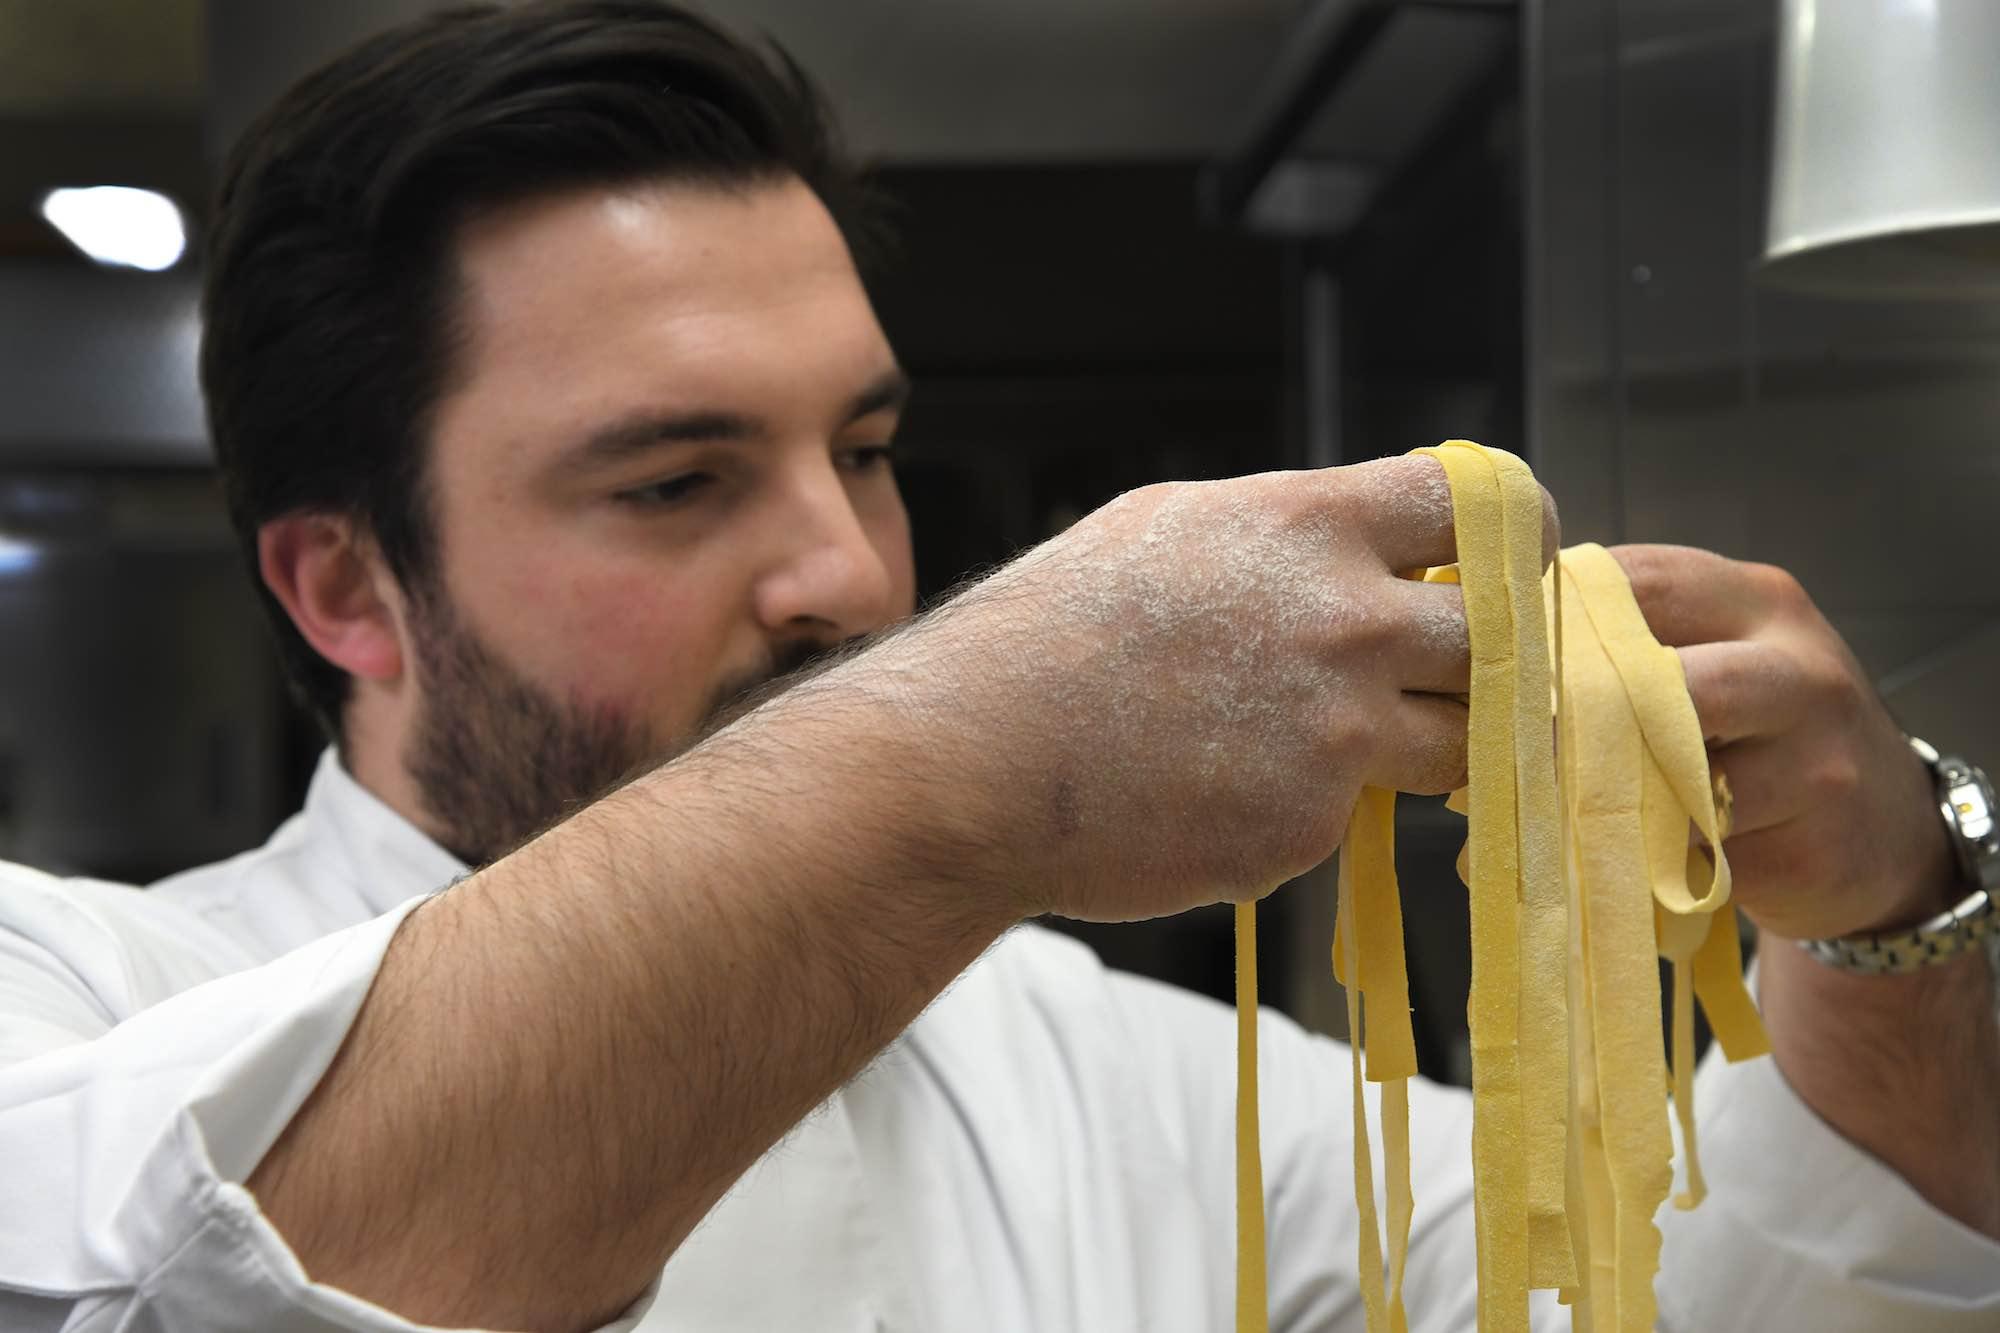 Chef Nicola Micheletti della Locanda Sant'Agata a San Giuliano Terme, in Toscana